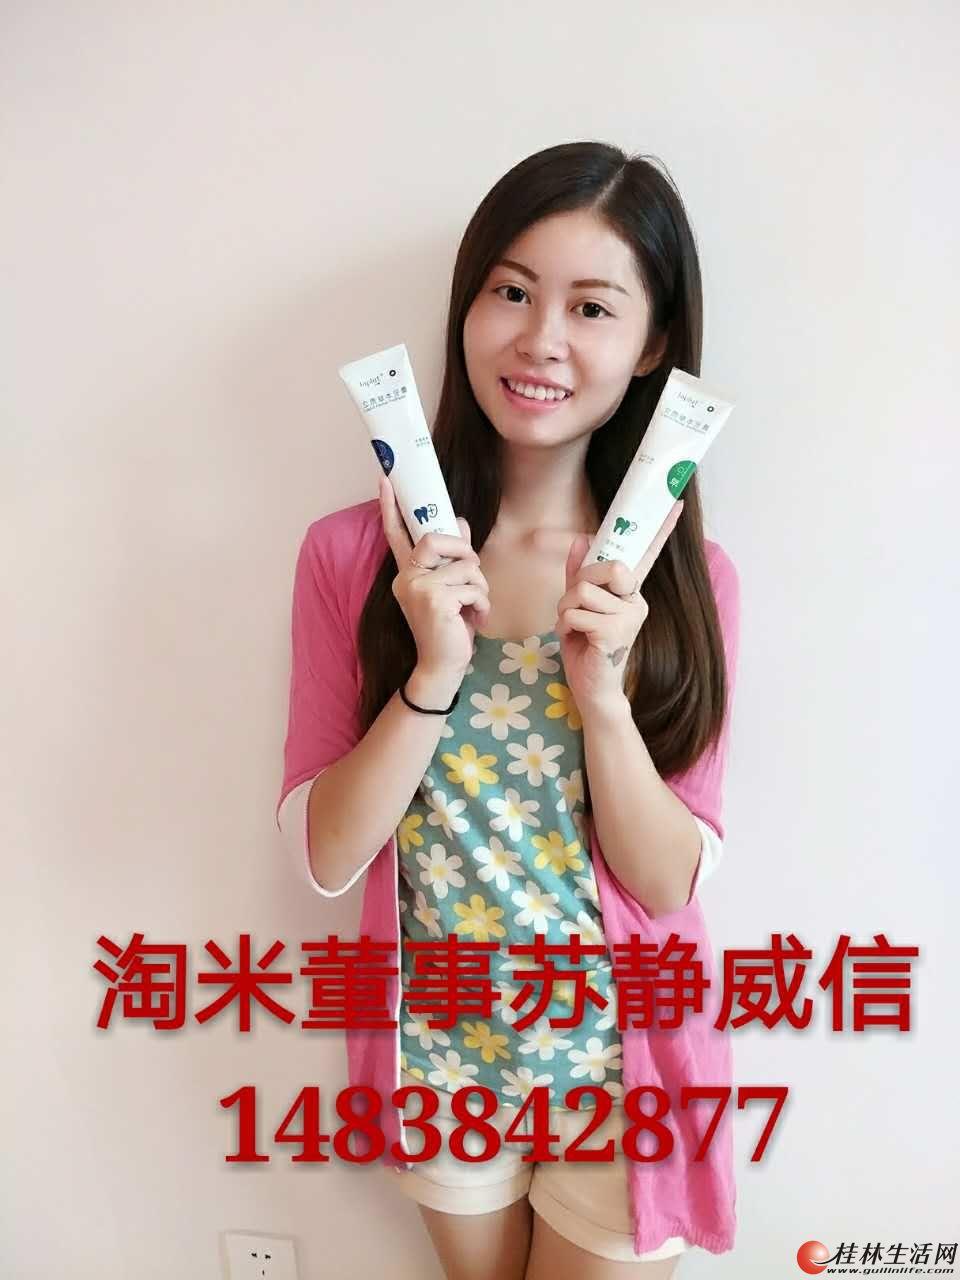 淘米立质牙膏多少钱?怎么代理?可以美白吗?